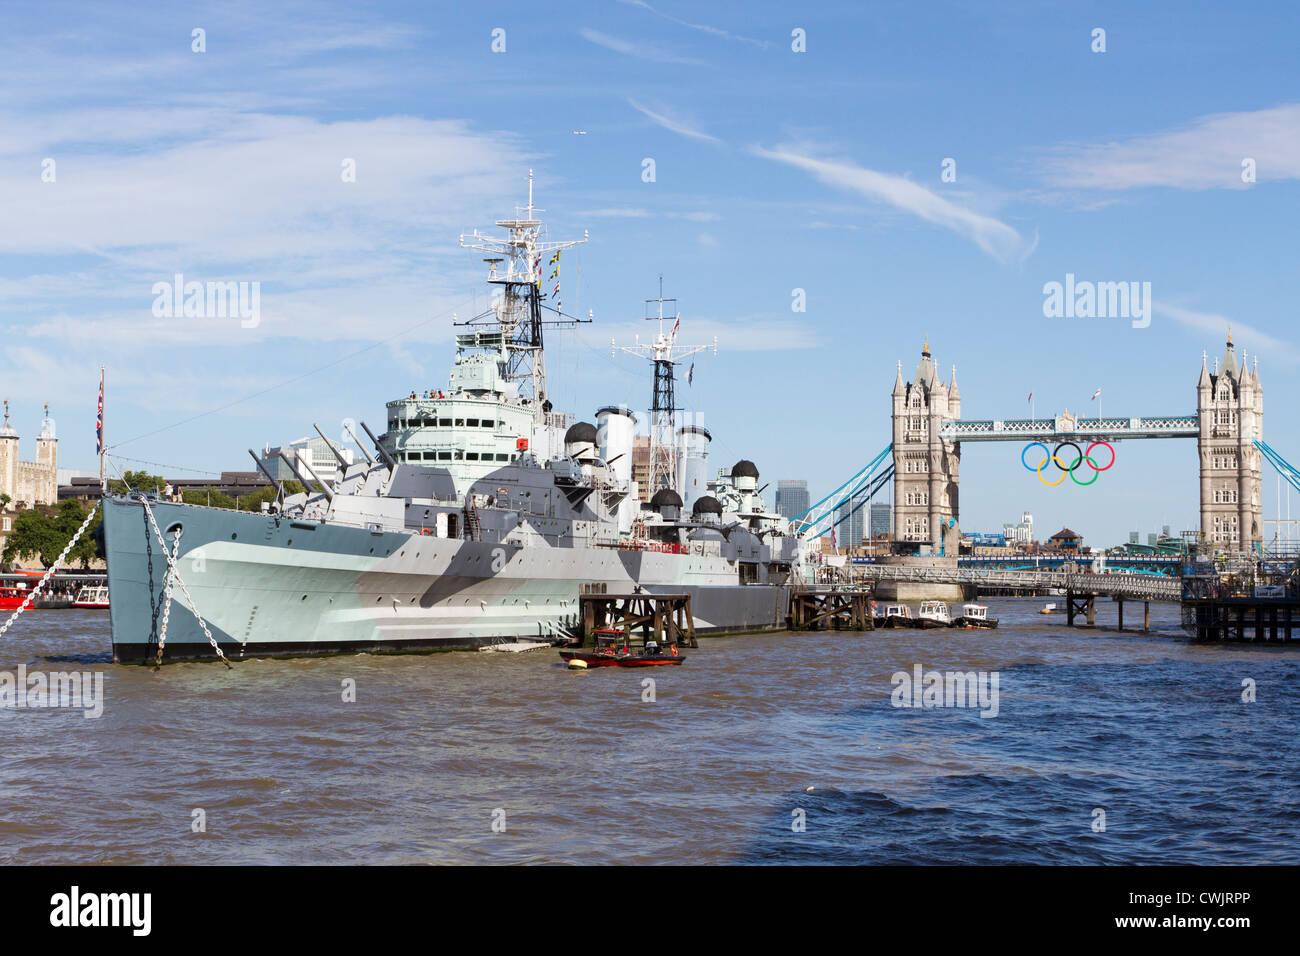 HMS Belfast,Tower Bridge,The Queen's Walk,London, UK - Stock Image